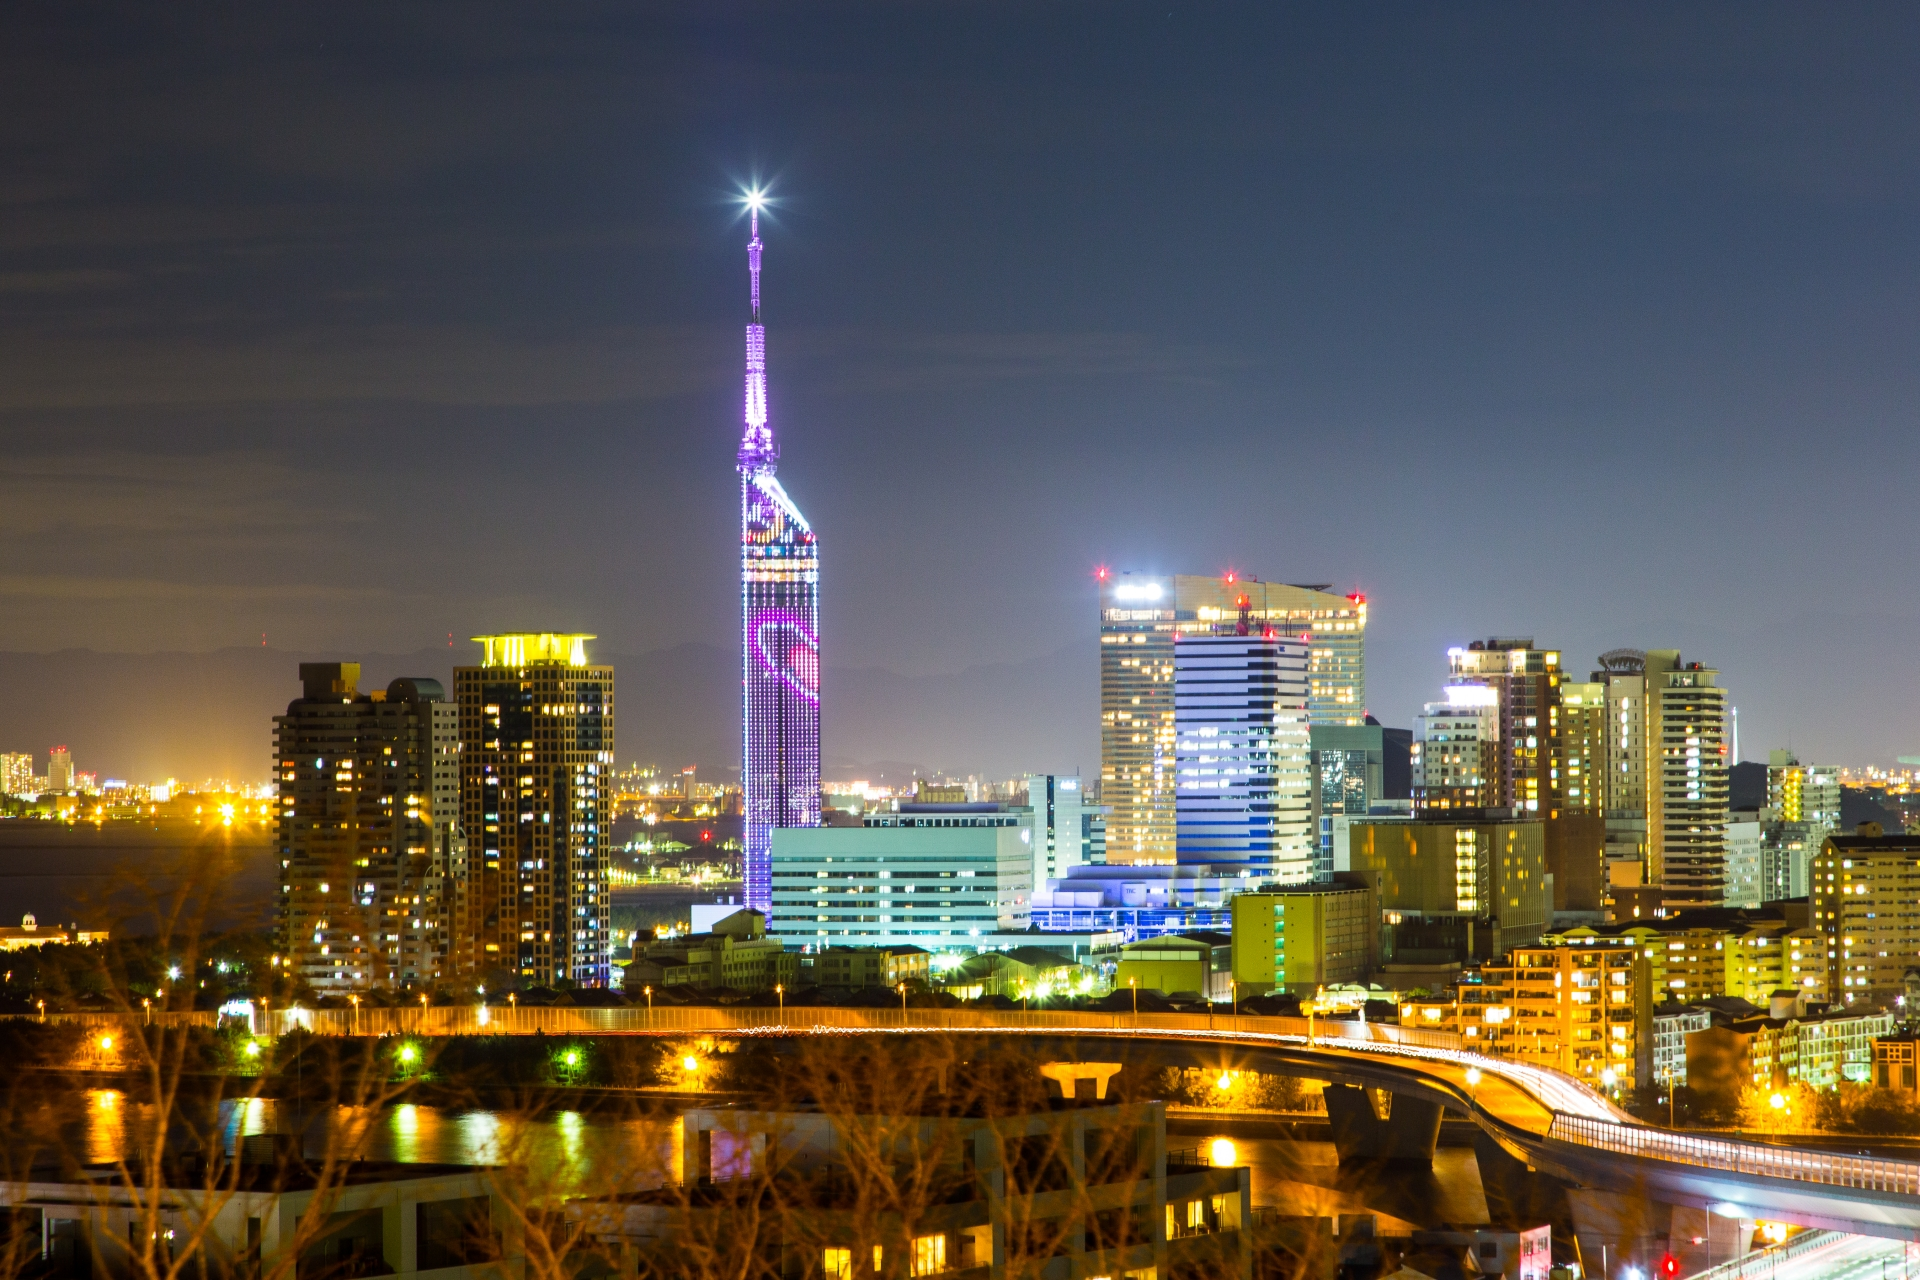 福岡の高級ホテル11選!人気&おすすめ施設をランキングで紹介!